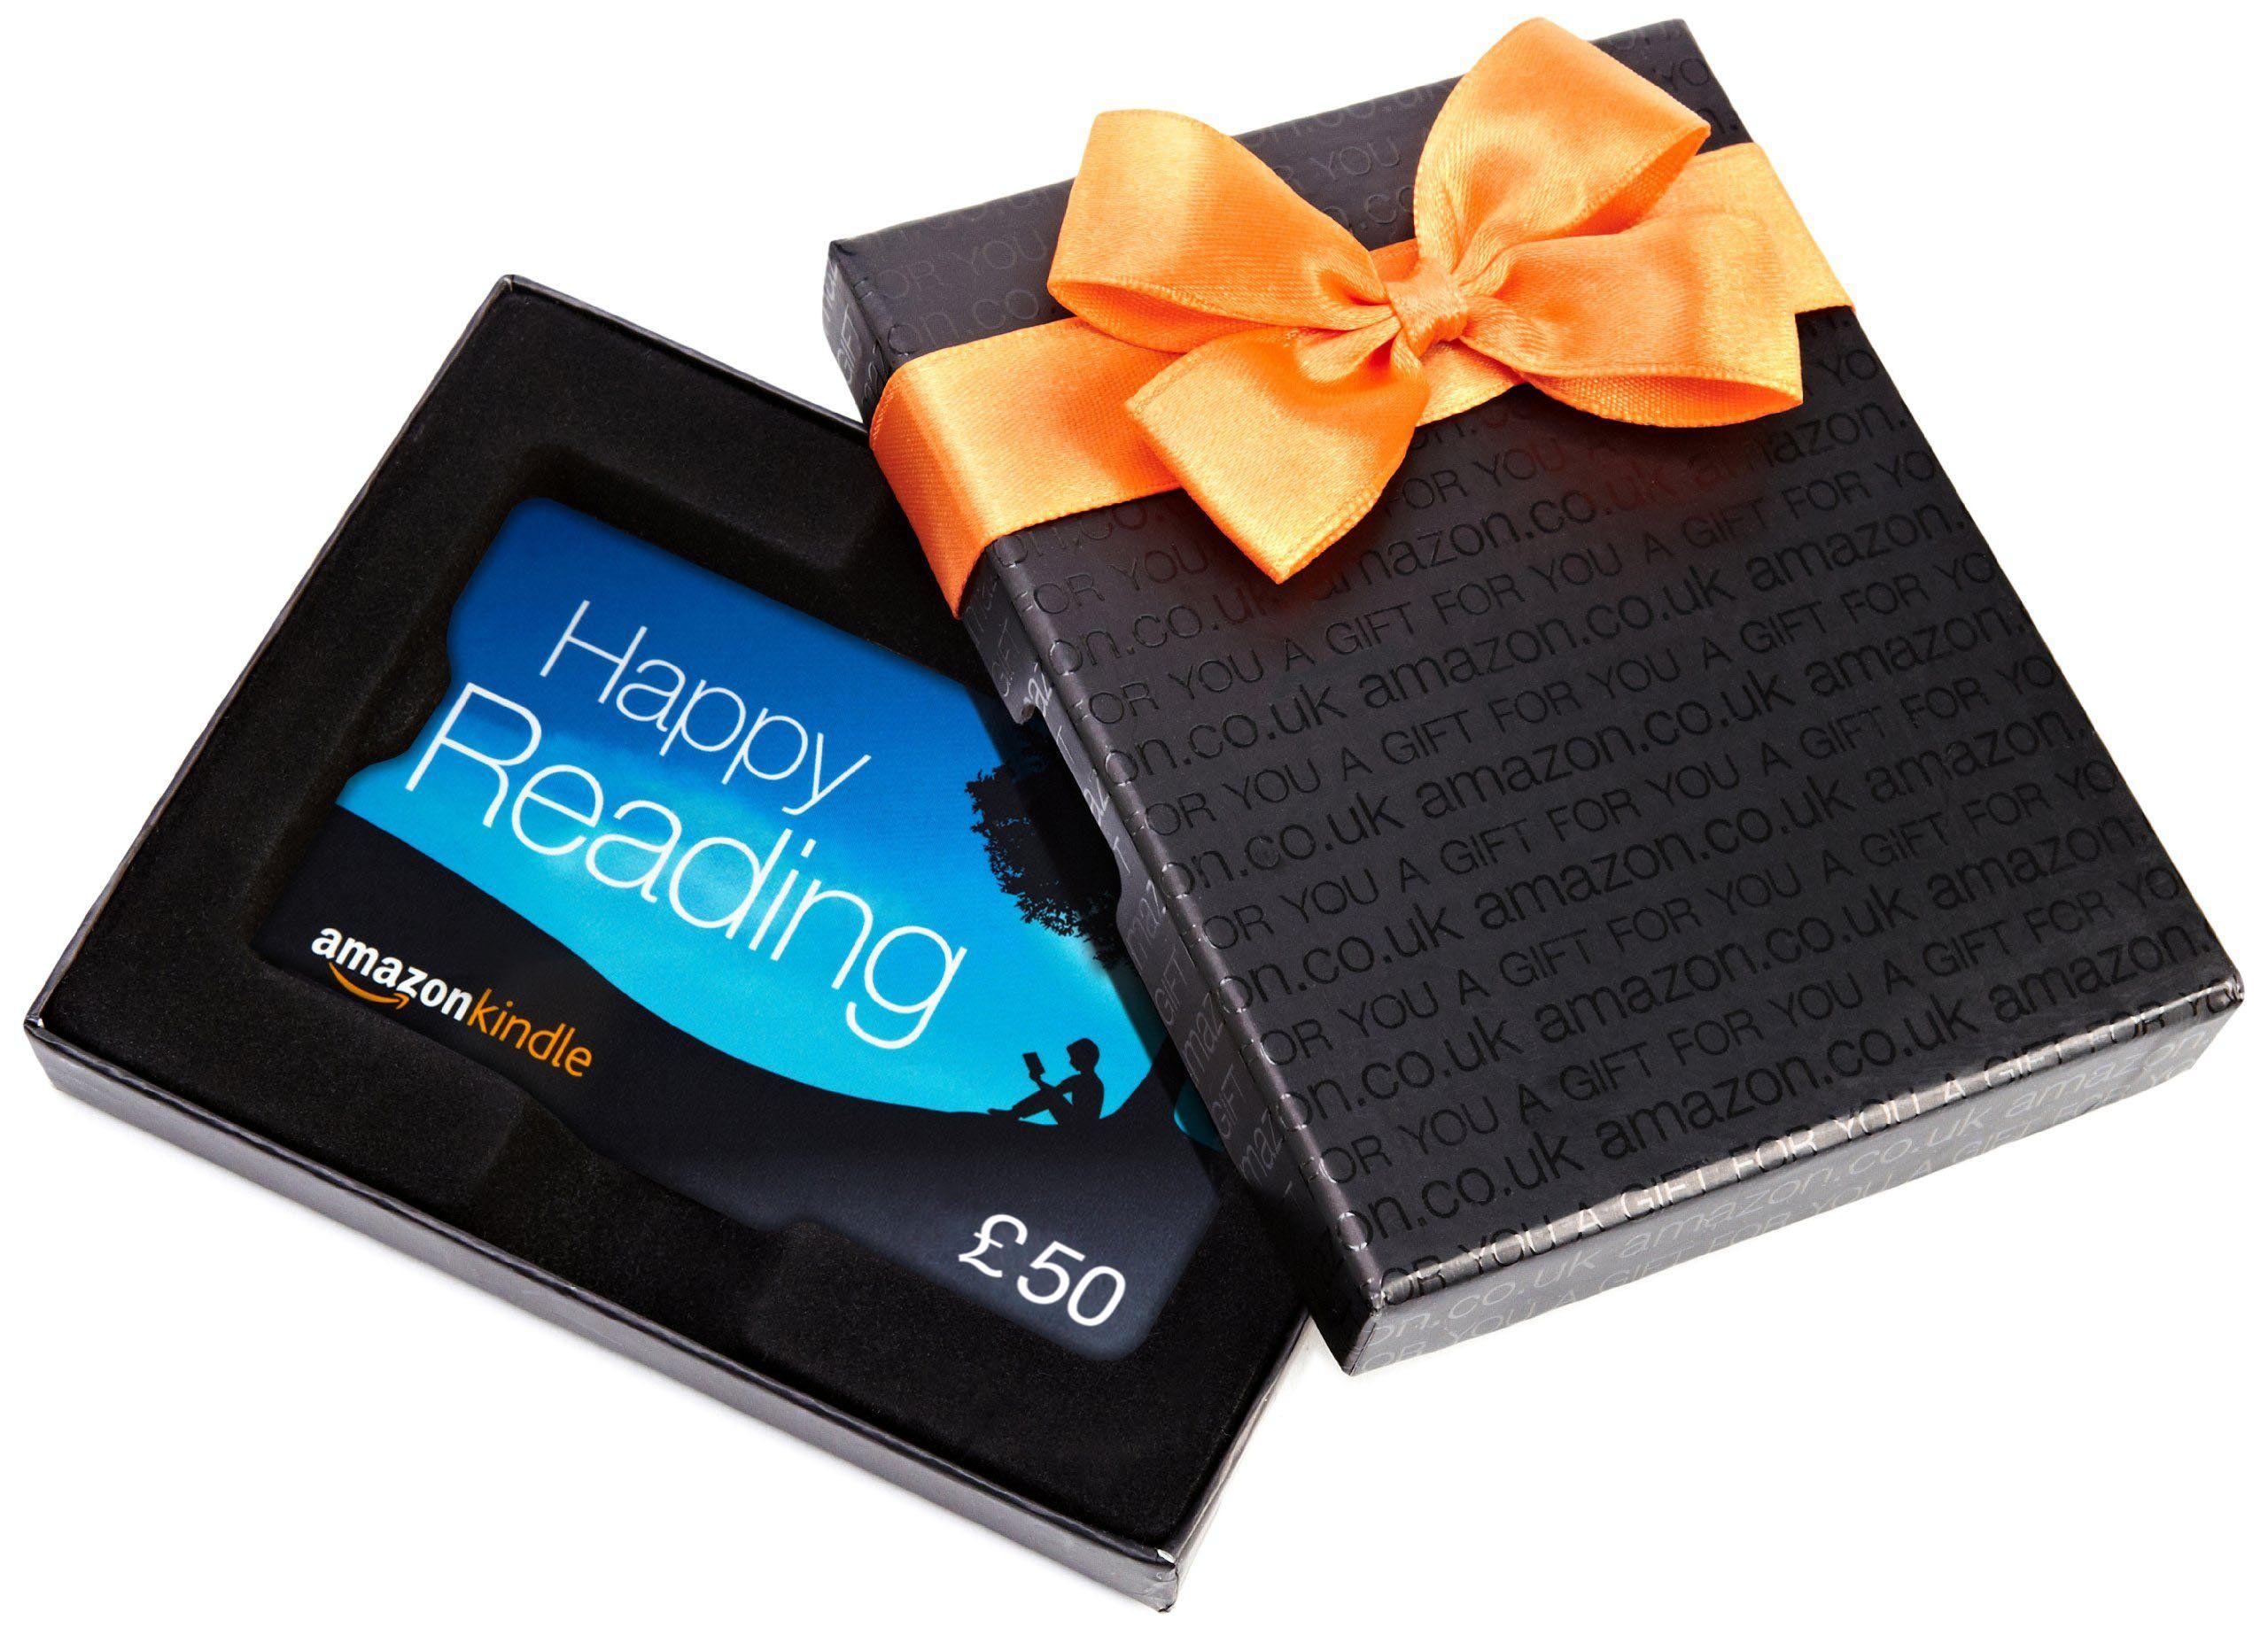 Amazon Co Uk Gift Box 50 Kindle Amazon Co Uk Gift Cards